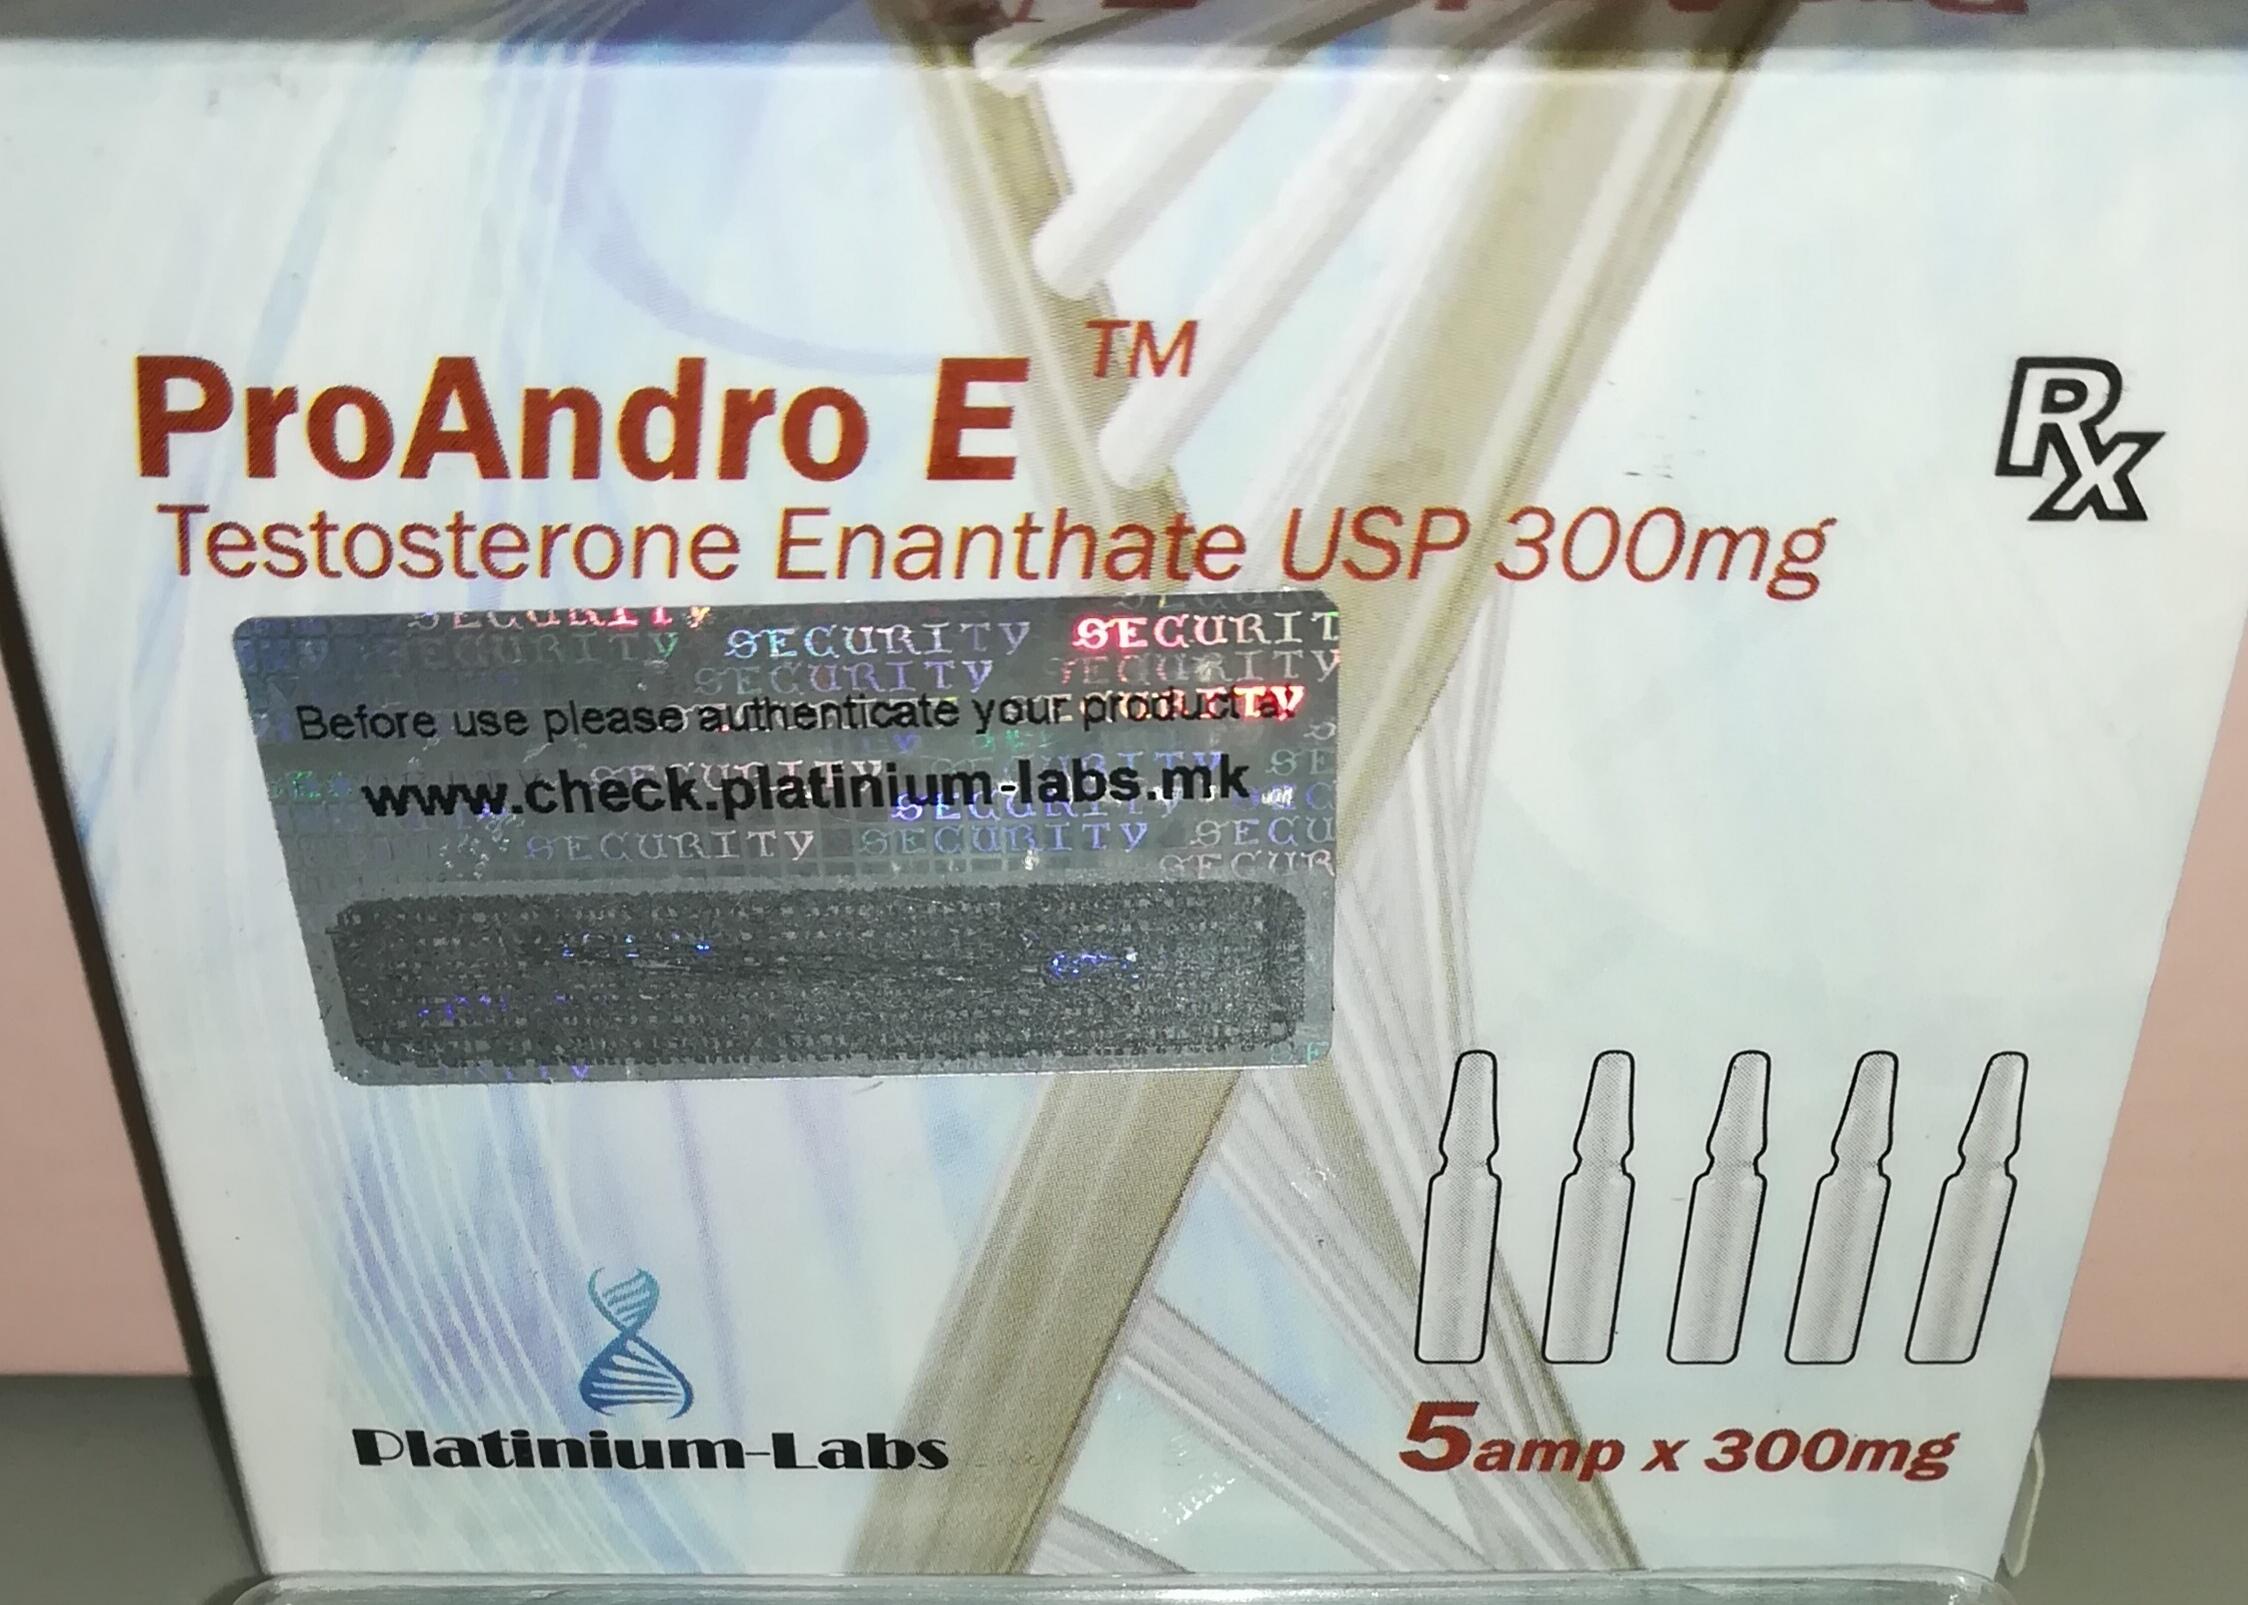 ProAndro E 300mg